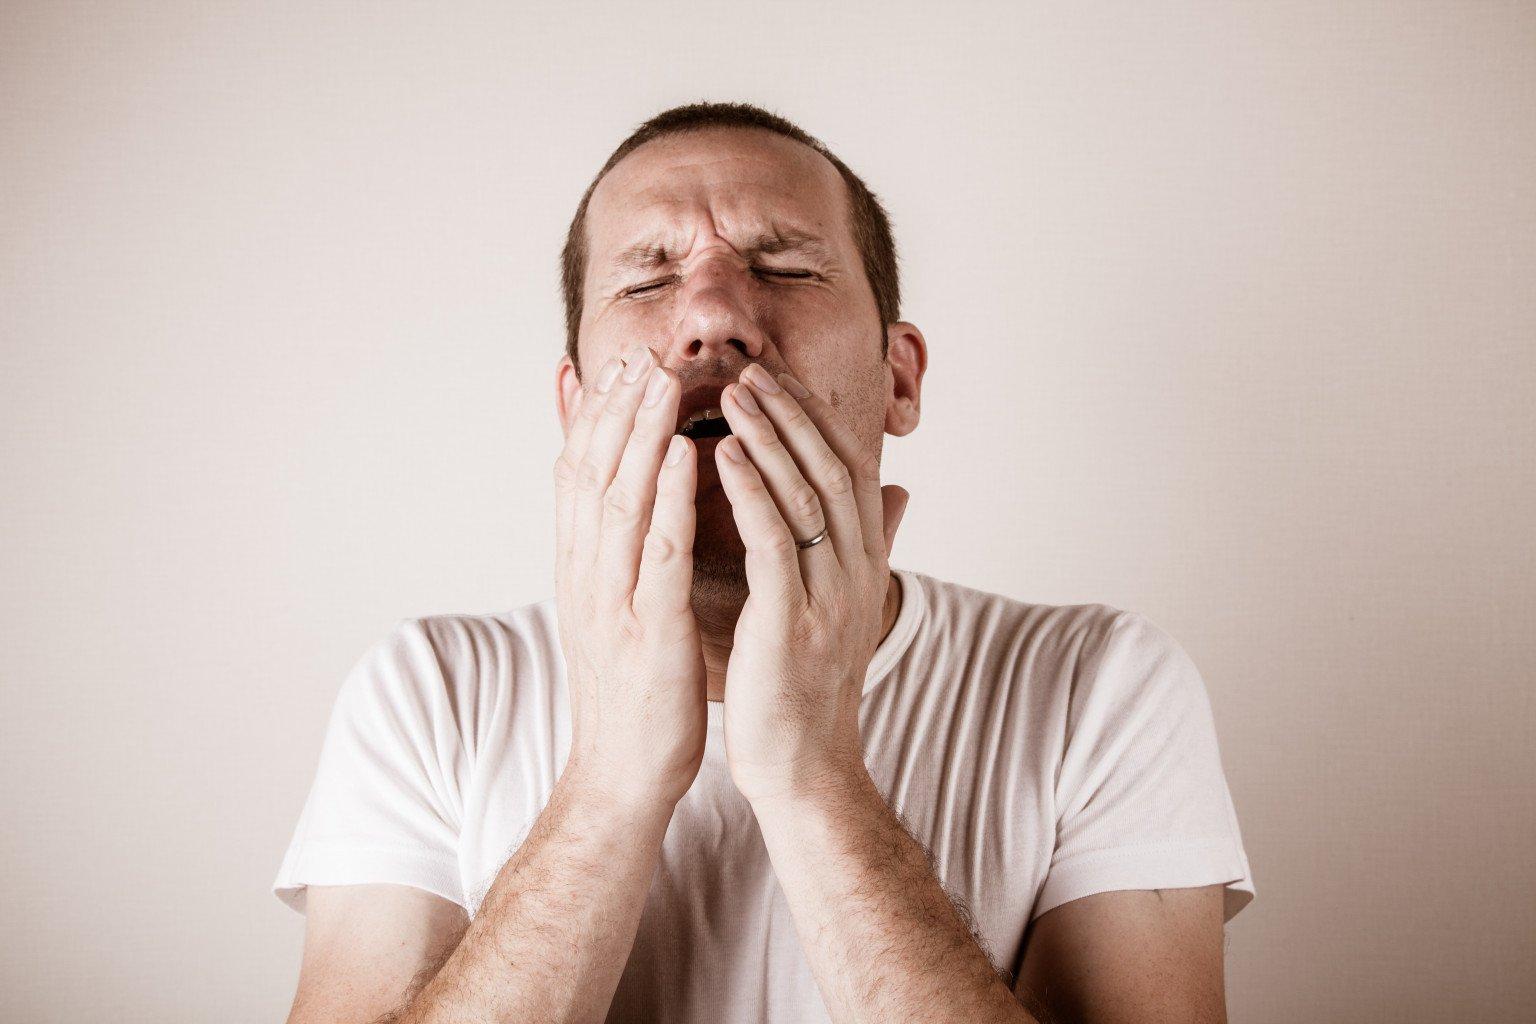 咳風邪 のどが痛い